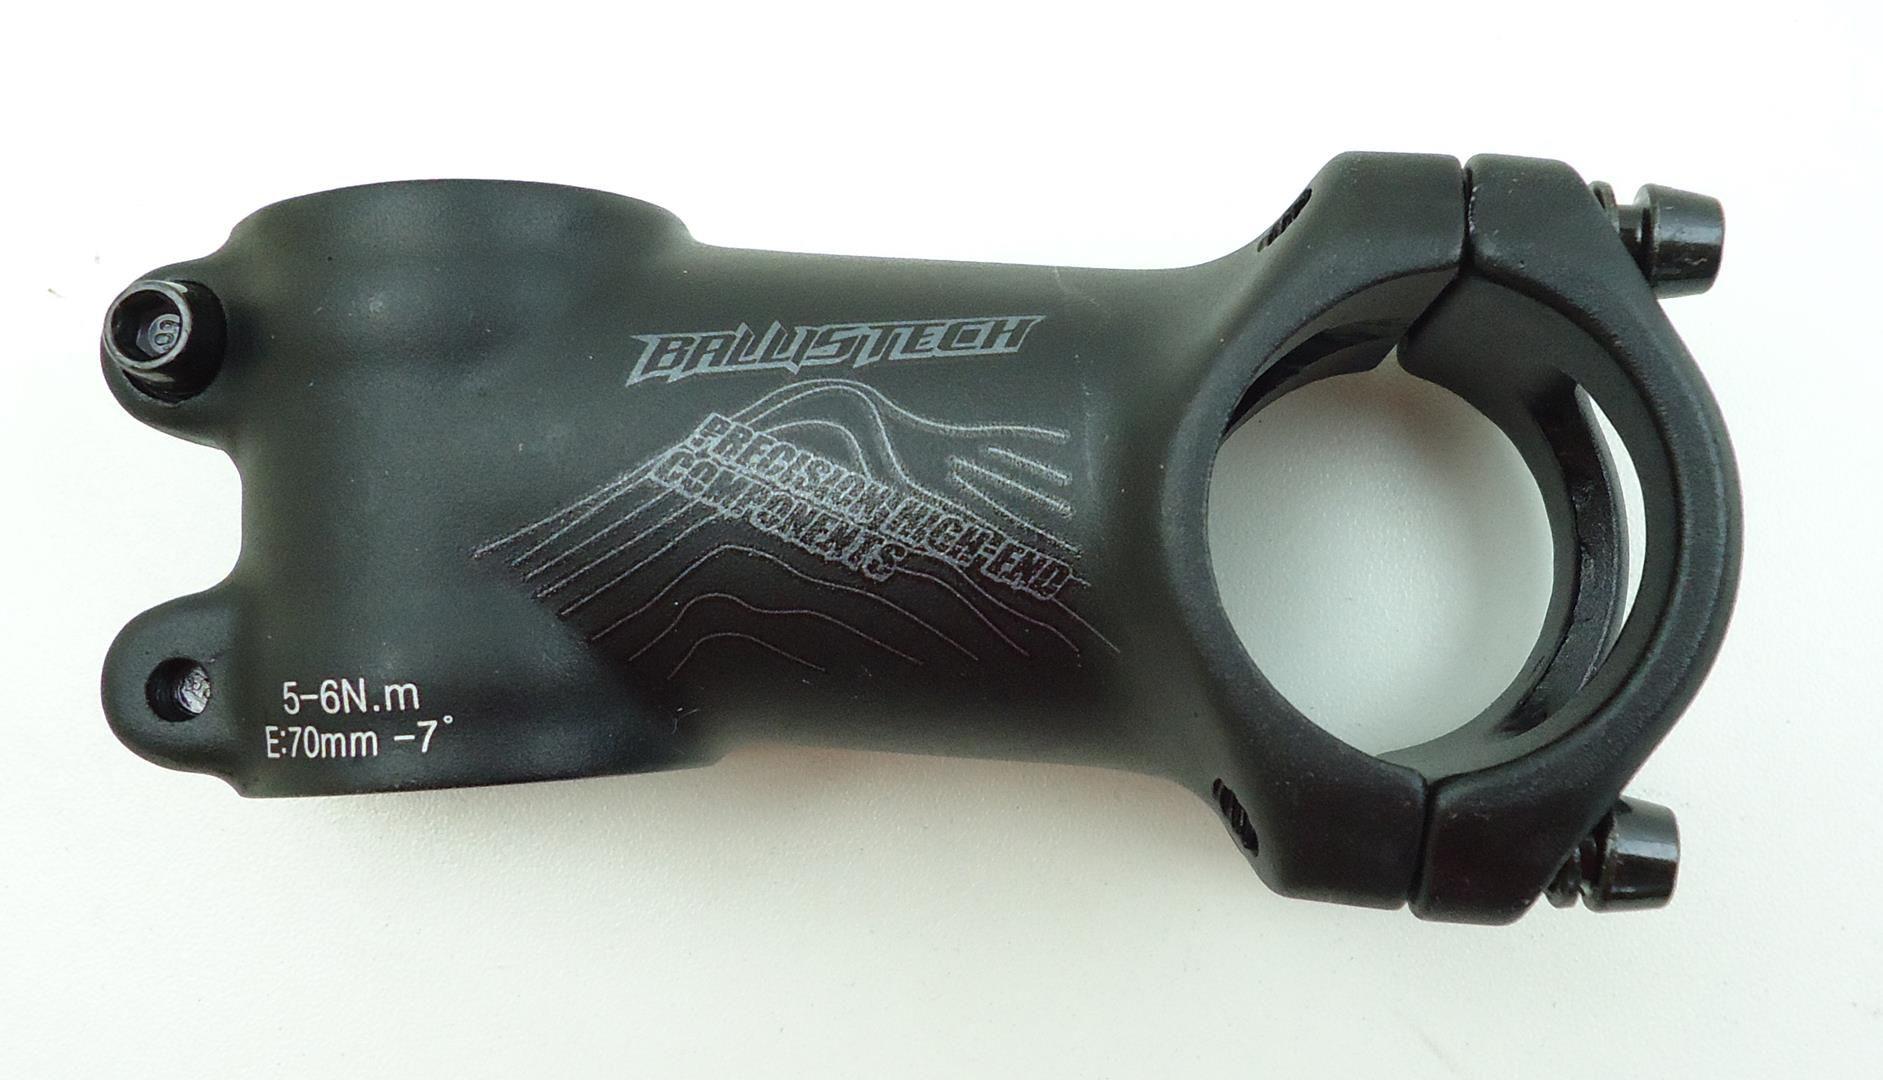 Mesa Avanço Bicicleta Mtb Ballistech 70mm 31.8mm 7º De Inclinação Preta em Scandium